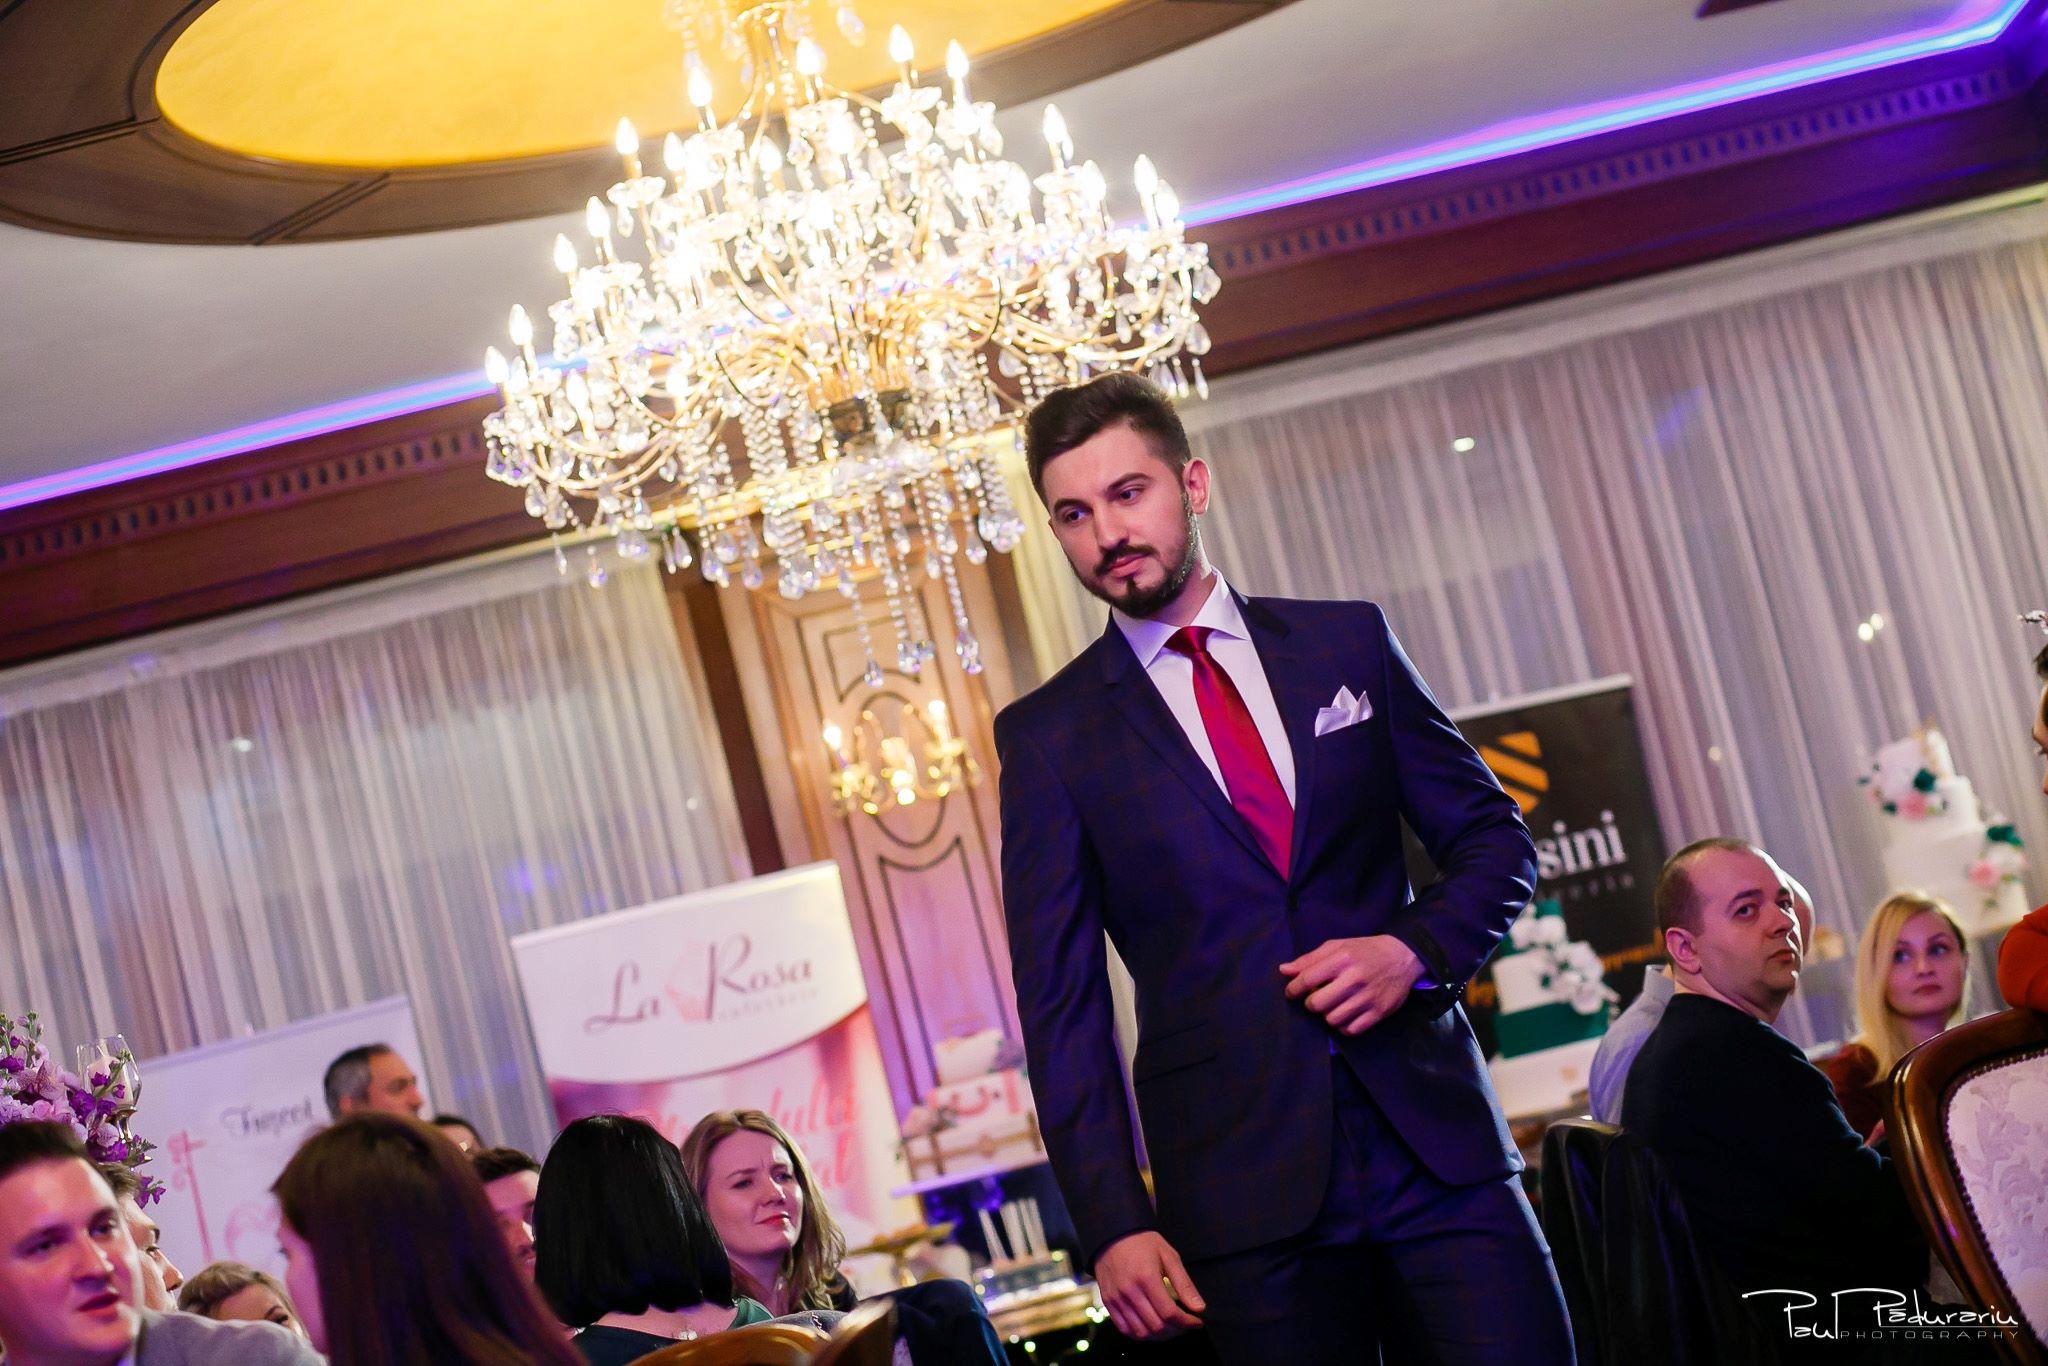 Seroussi | Producător și distribuitor de costume bărbătești colectia 2019 - costum mire - paul padurariu fotograf nunta iasi www.paulpadurariu.ro 19